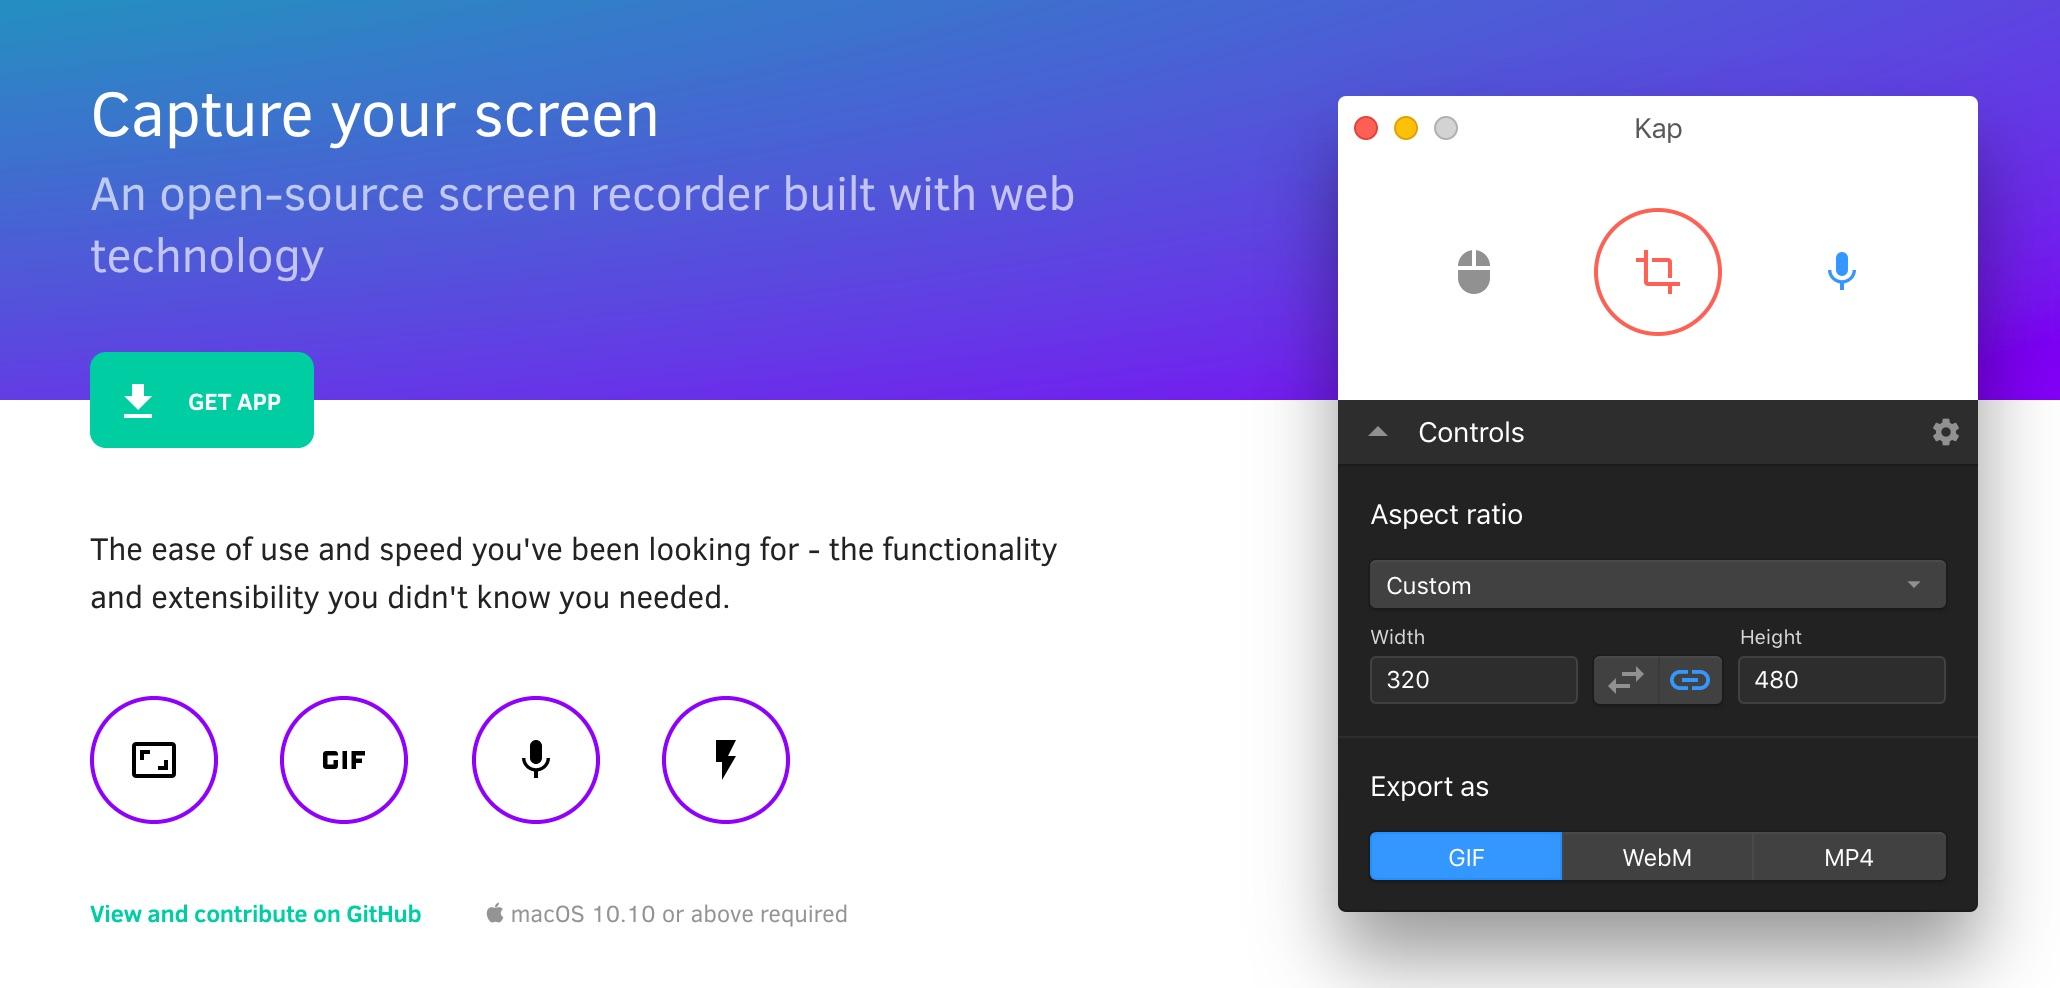 Kap is a lightweight, open-source screen recording app.